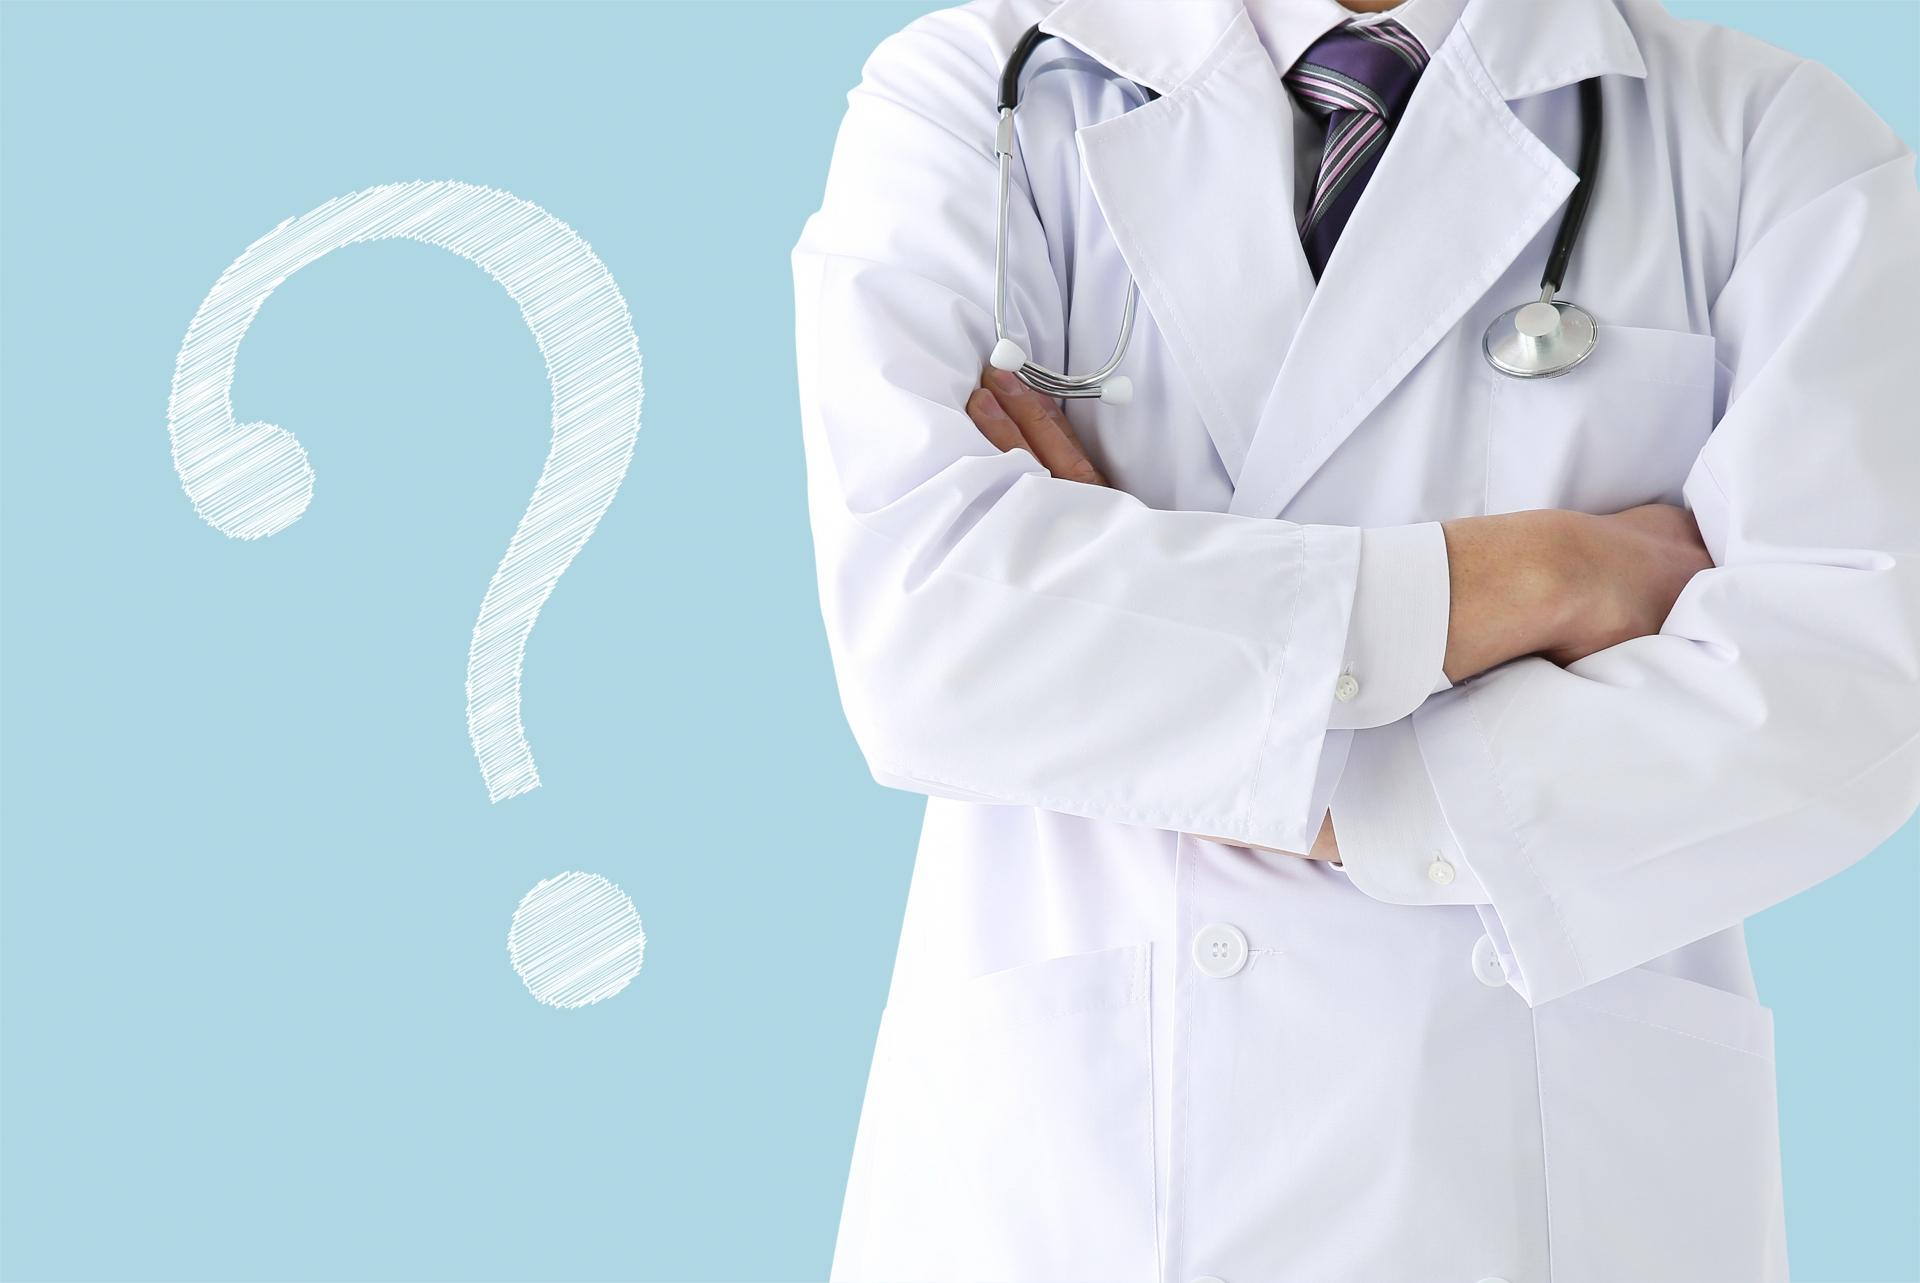 パーキンソン病は医学的には原因不明